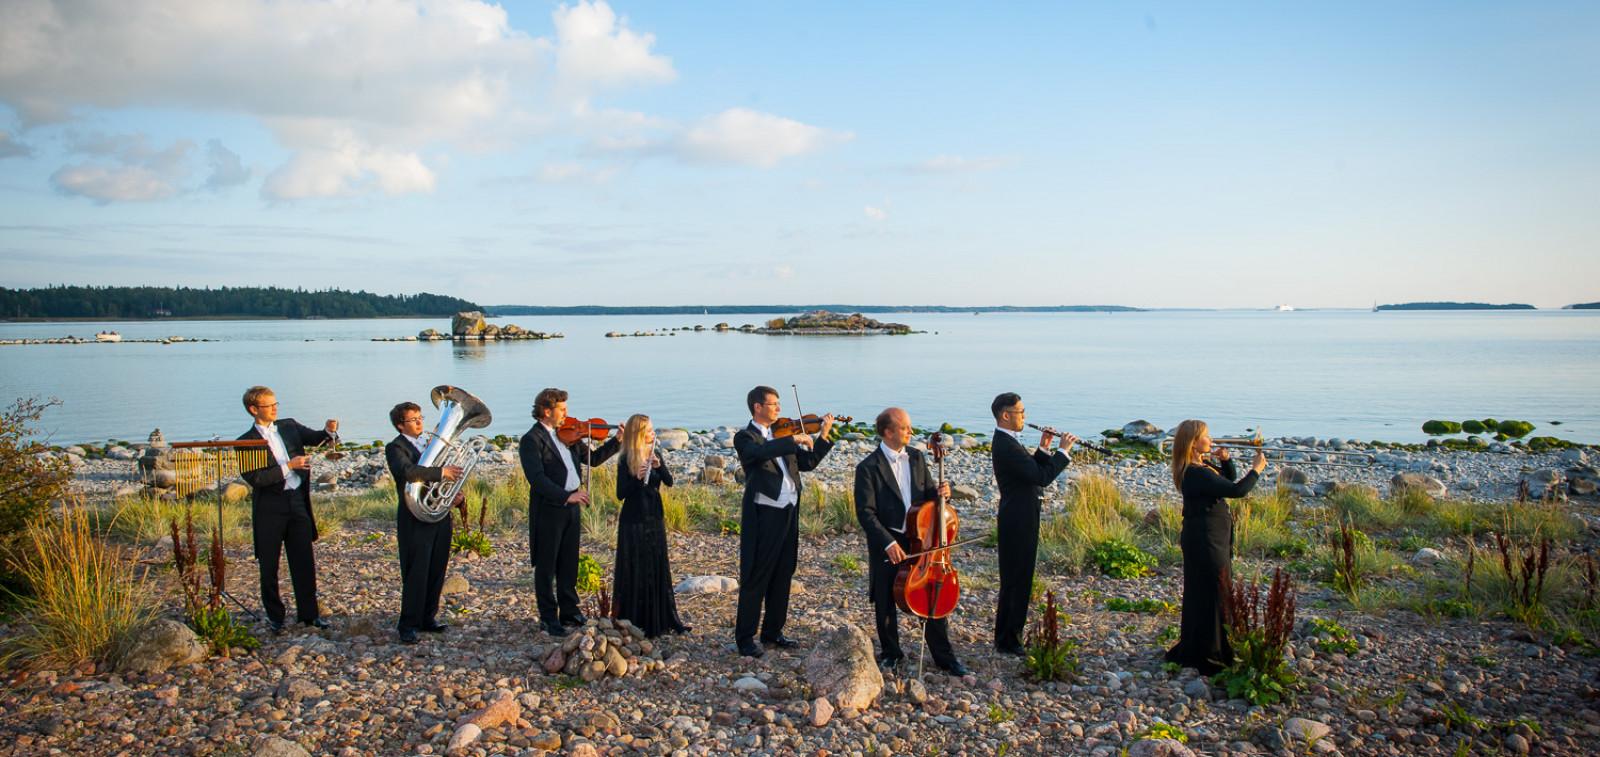 Turun filharmonisen orkesterin soittajia meren rannalla